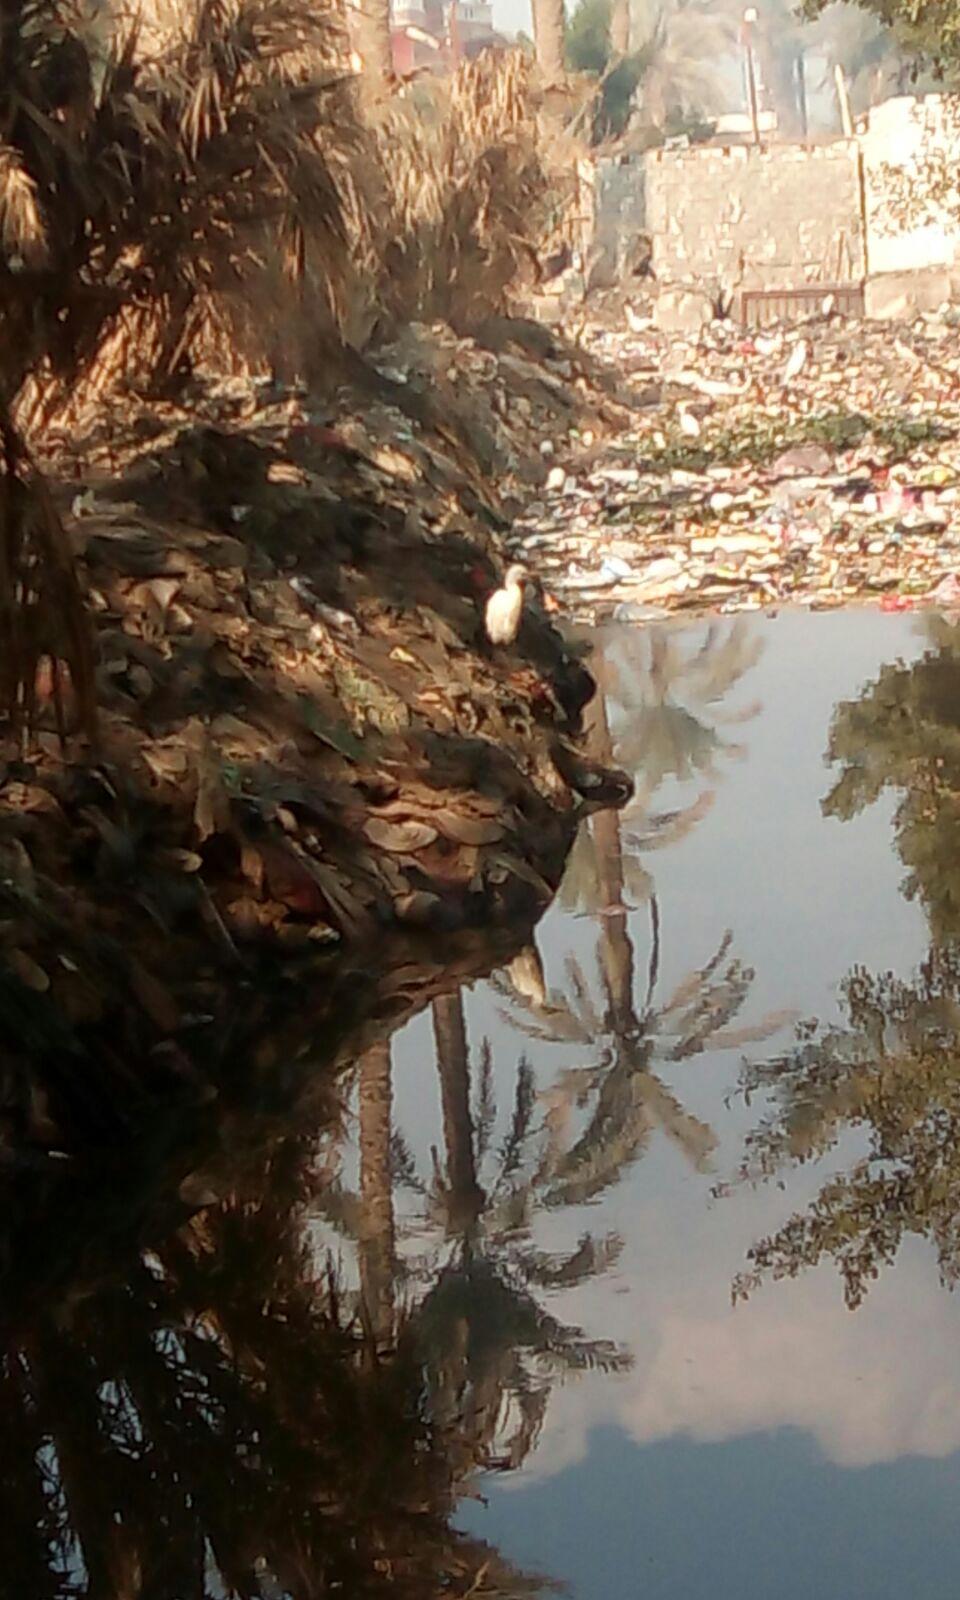 غرق بيوت وأراضي زراعية بإحدى قرى العياط وسط تجاهل المسؤولين